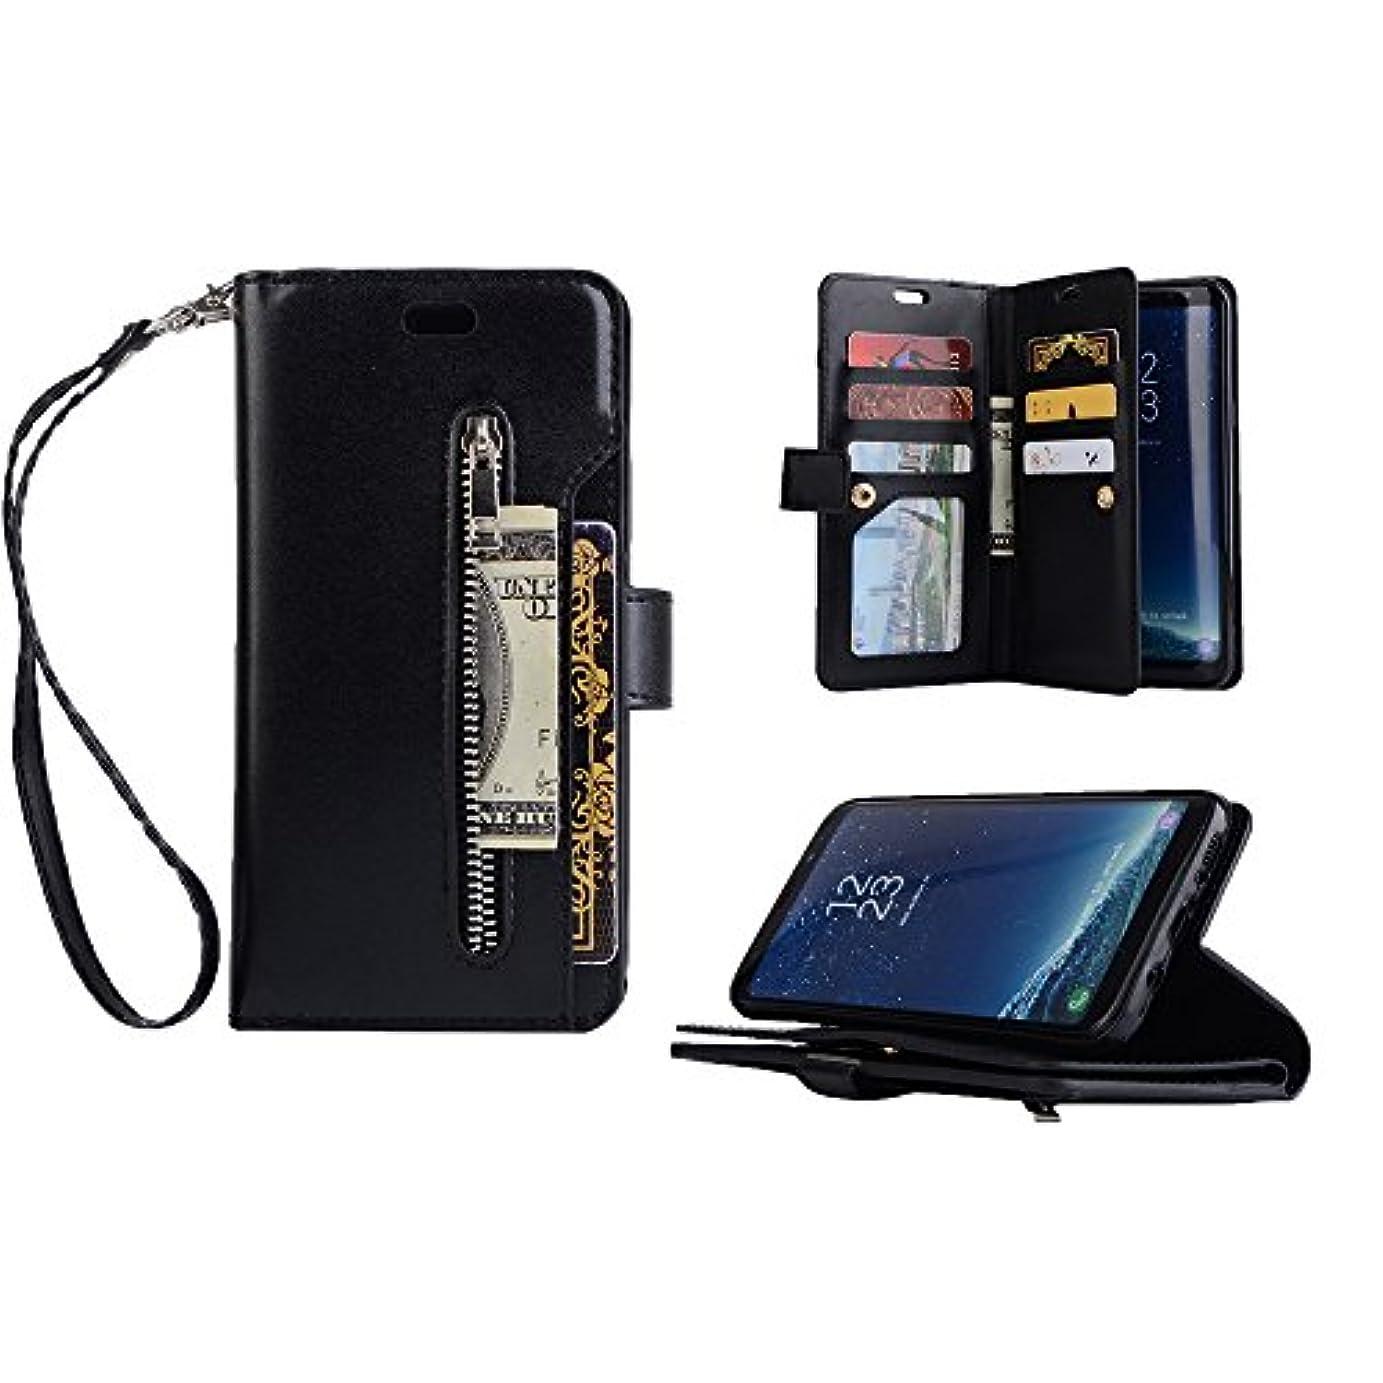 台無しにチャーム襲撃Galaxy S8 Plus おしゃれカバー PUレザー カード収納 スタンド機能 ストラップ付き 手帳型ケース ギャラクシー S8 Plus対応 ブラックメンズ かっこいい ビジネス